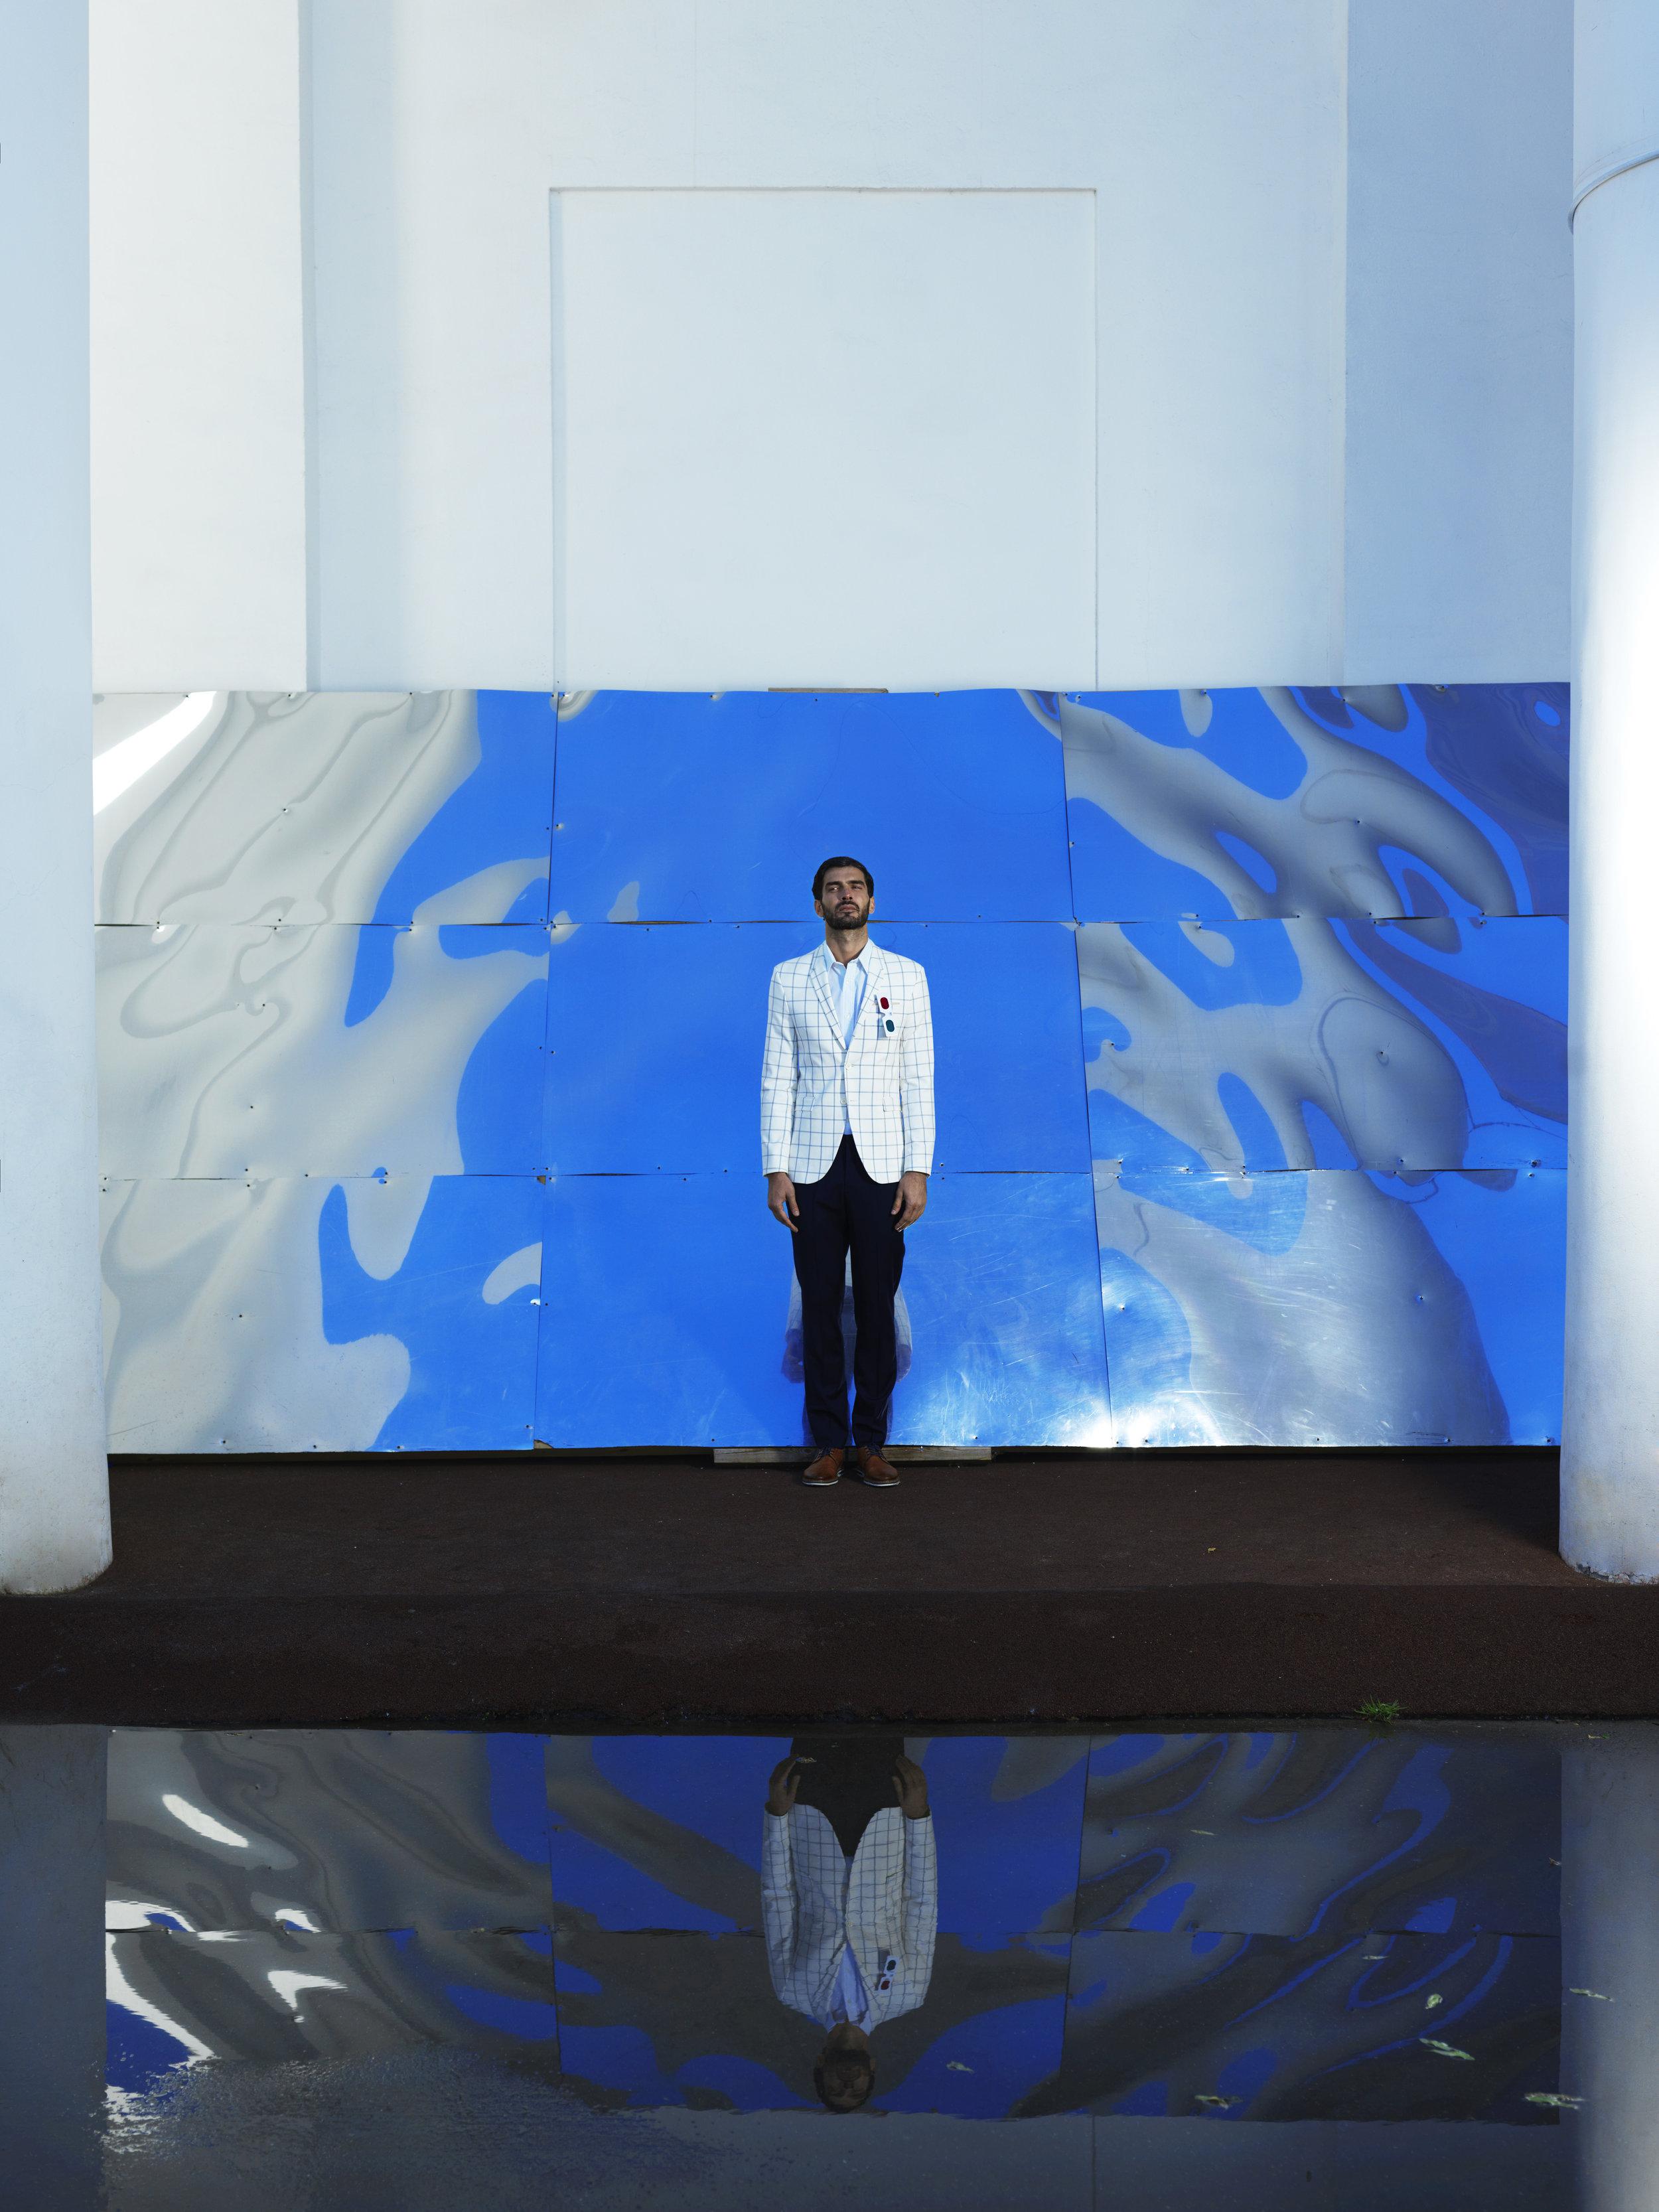 Suit jacket Zara Trousers Sanilro Pozzi Designer Mode Shirt Ralph Lauren Shoes Rieker Glasses stylist's own